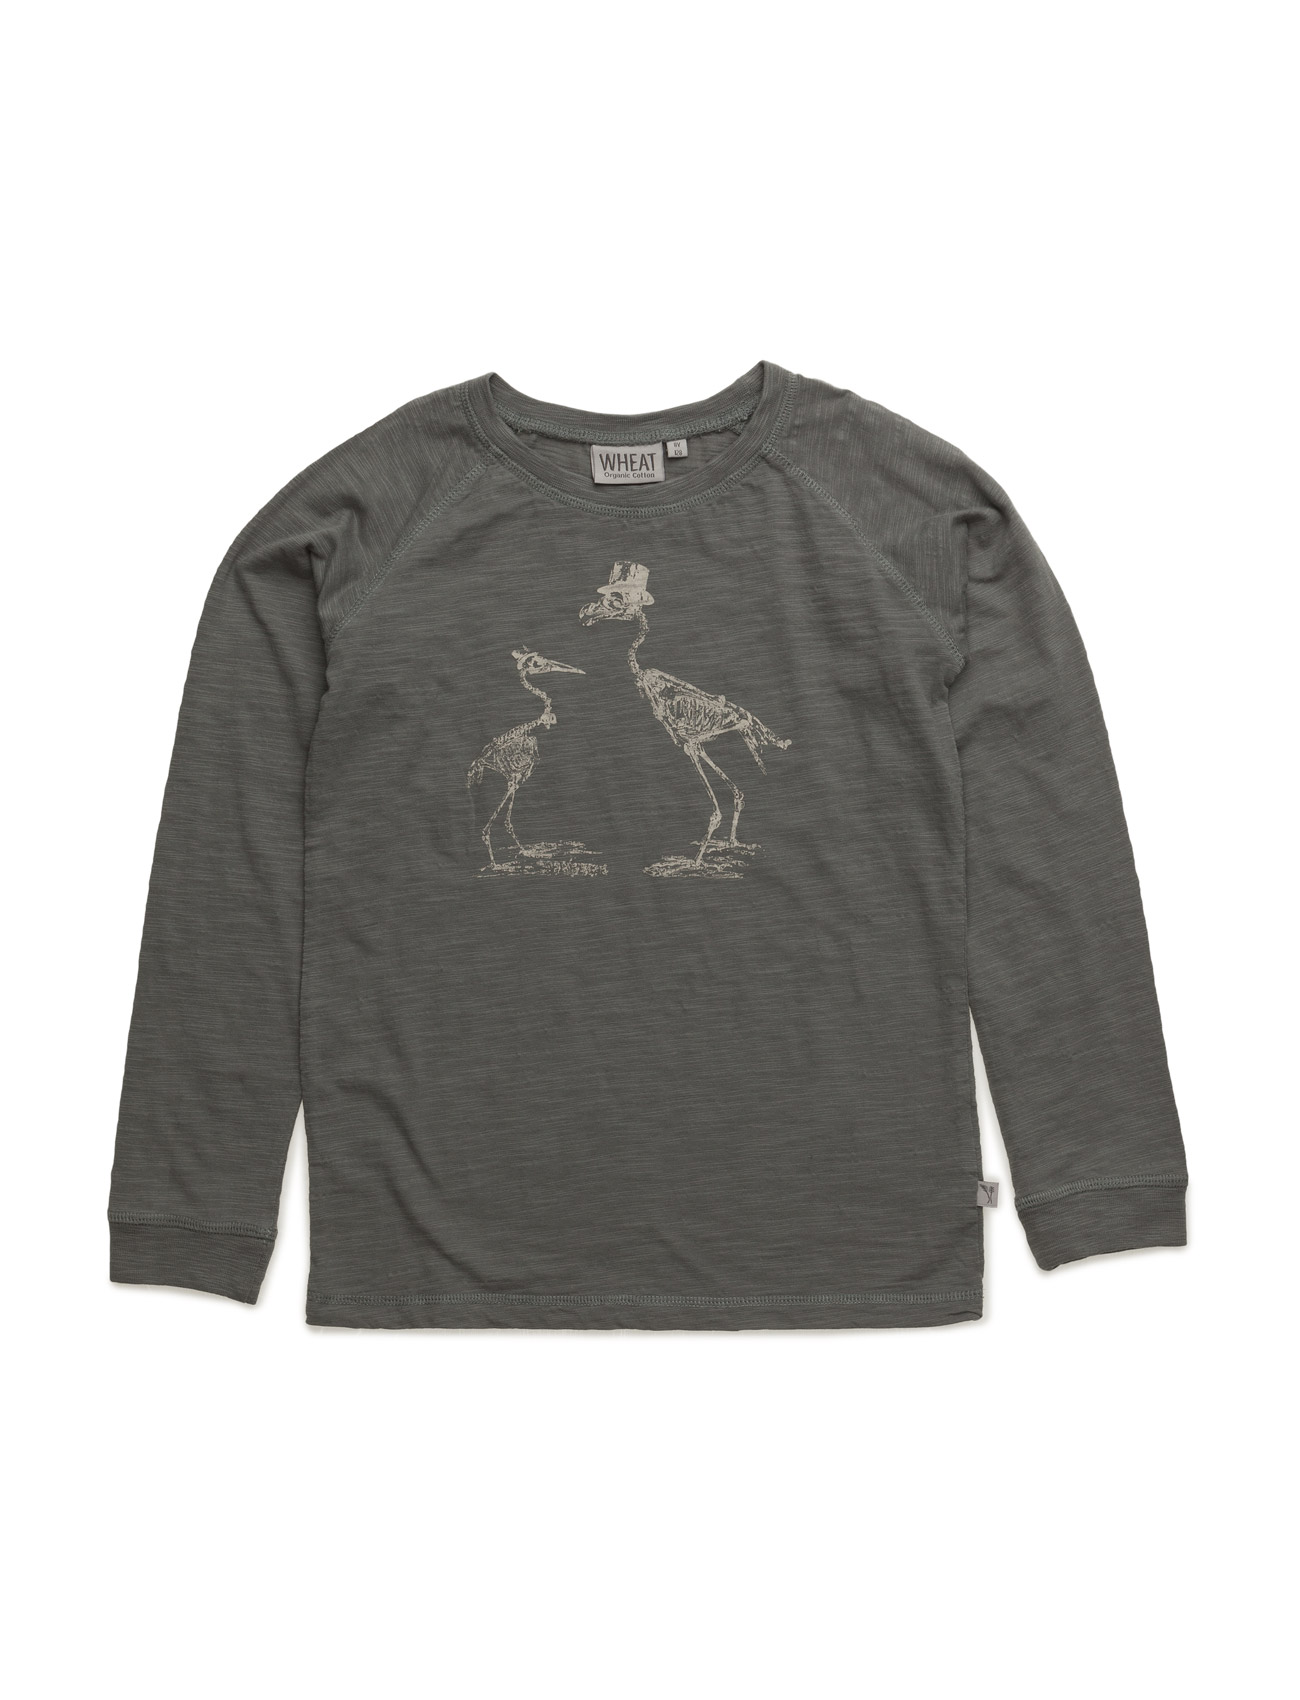 T-Shirt Skeleton Wheat T-shirts til Piger i Mørk Slate